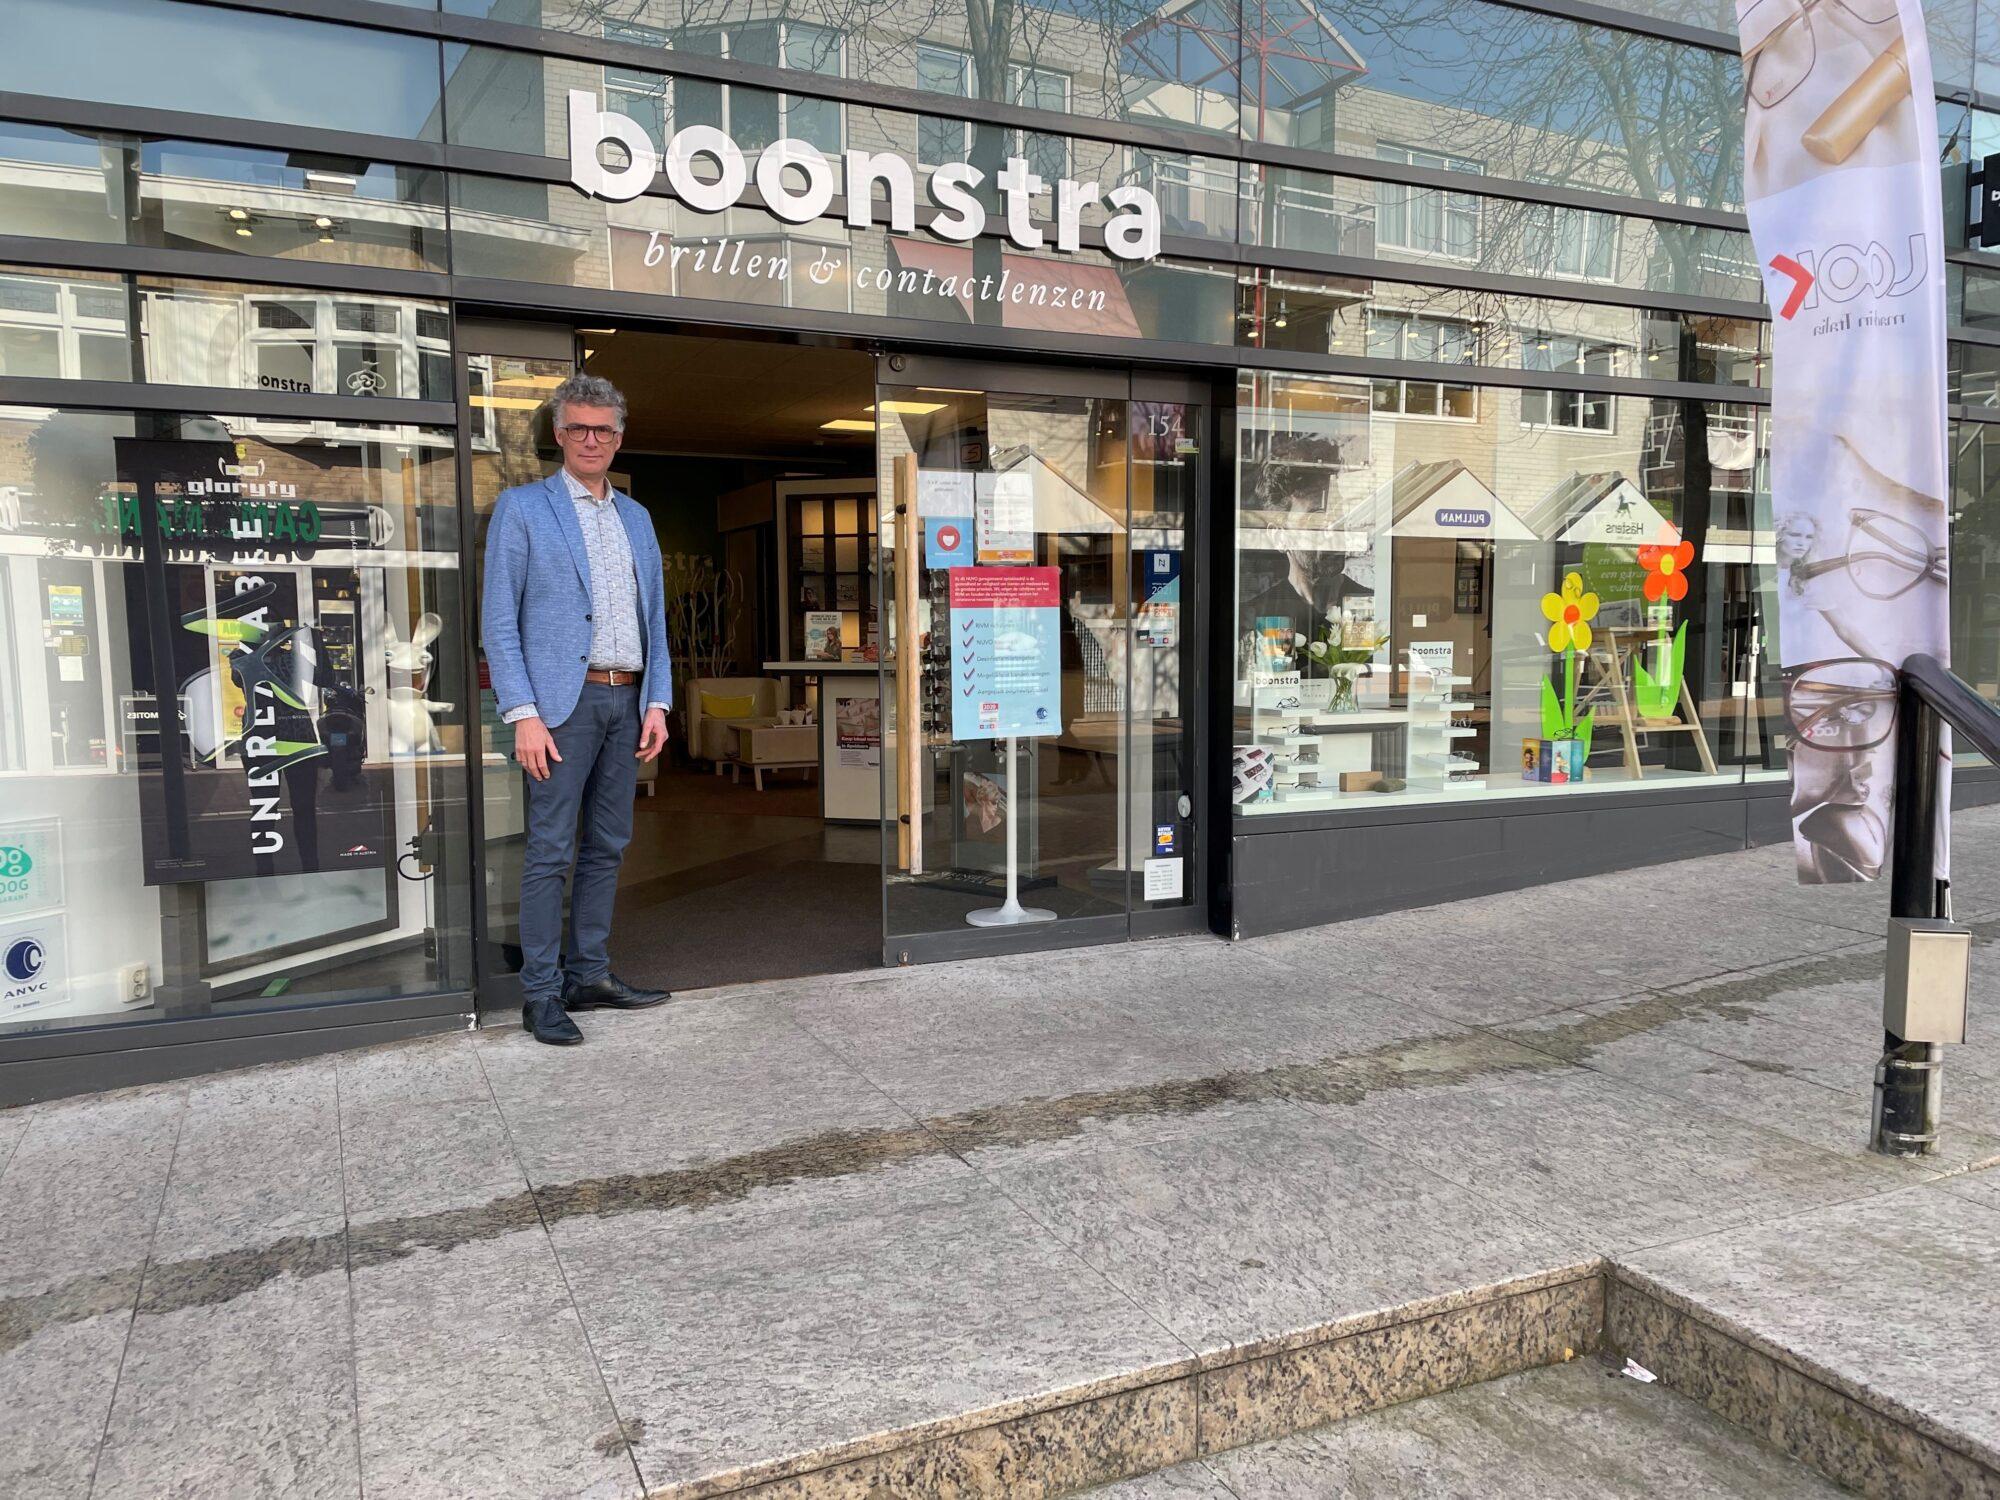 Boonstra Brillen & Contactlenzen al meer dan 75 jaar een begrip in Apeldoorn